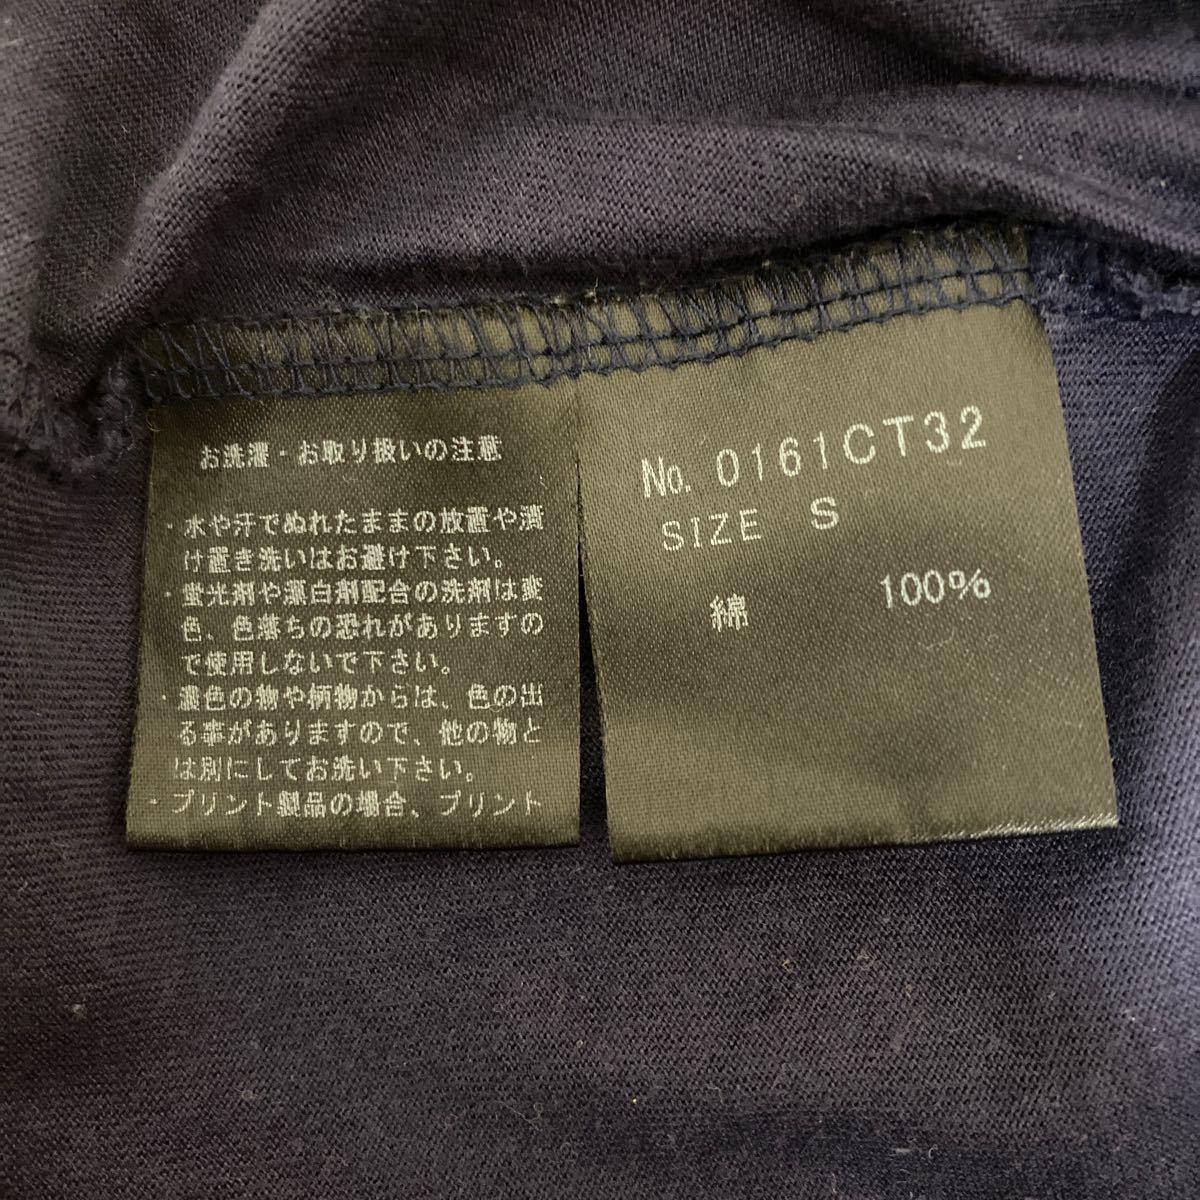 ヒステリックグラマー カモフラTシャツ ファックベア